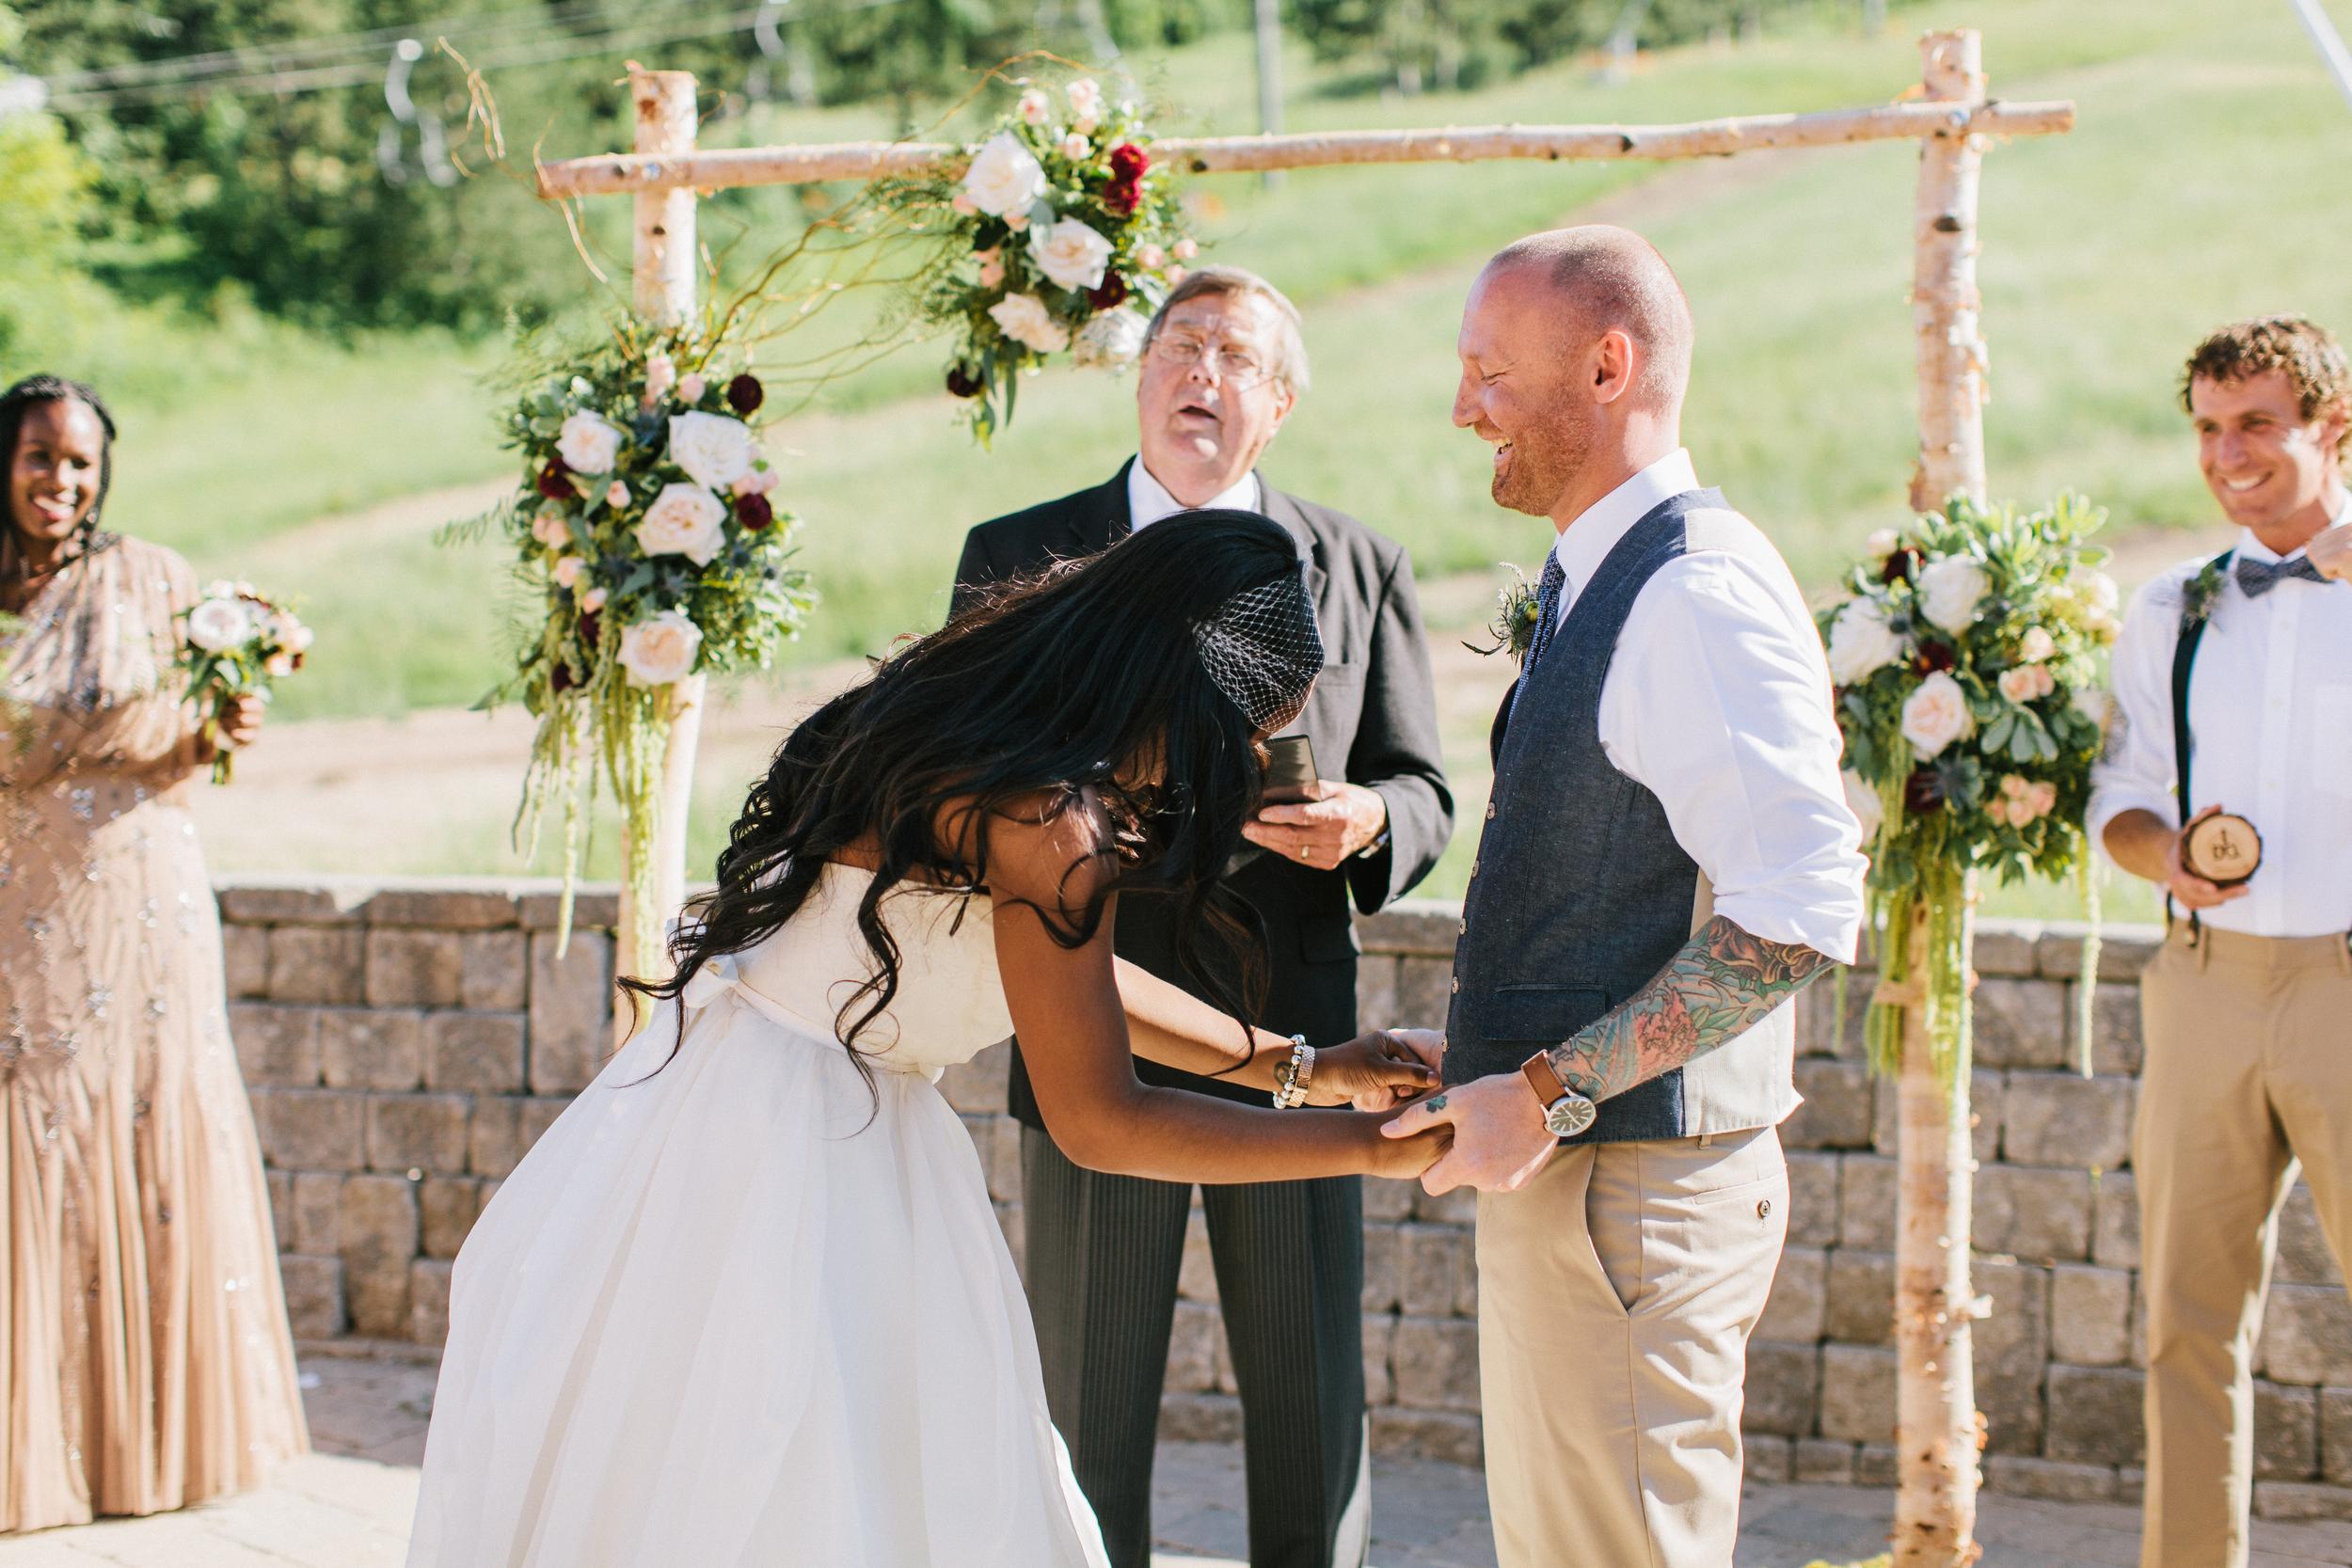 michael-rousseau-photography-shannae-ingleton-wedding-sean-craigleith-ski-club-wedding050.jpg